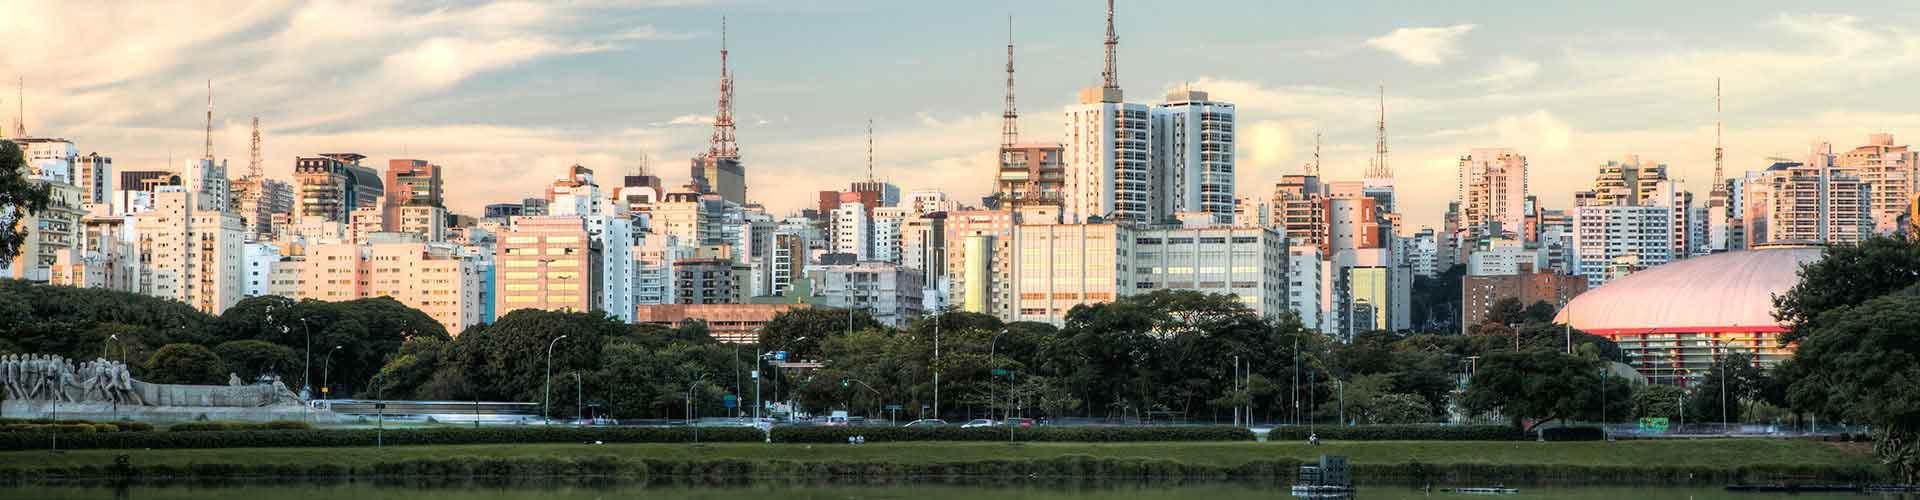 Sao Paulo - Auberges de jeunesse dans le quartier de Sumaré. Cartes pour Sao Paulo, photos et commentaires pour chaque auberge de jeunesse à Sao Paulo.